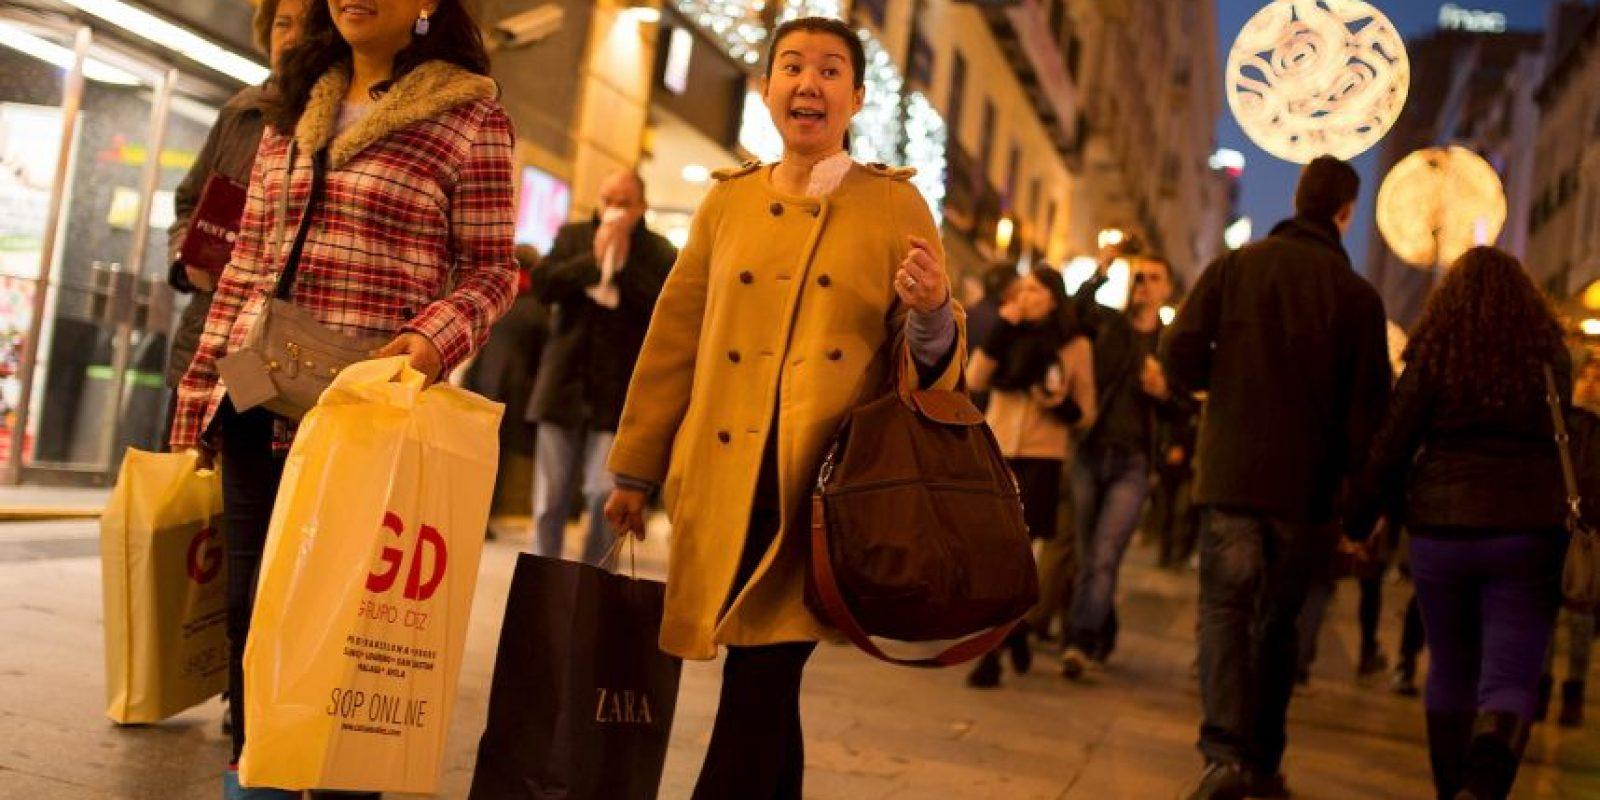 O que la adquisición de determinados productos hará más atractivo. Foto:Getty Images